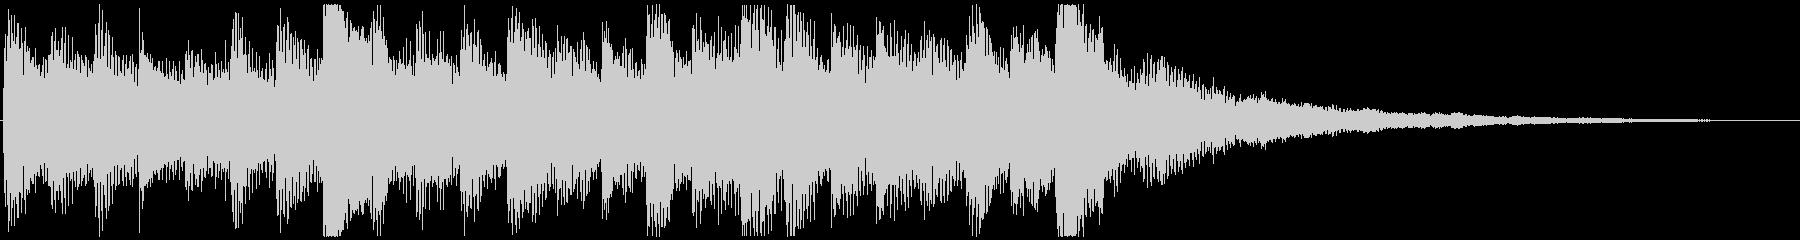 ワクワクな ピアノ&サウンドエフェクトの未再生の波形